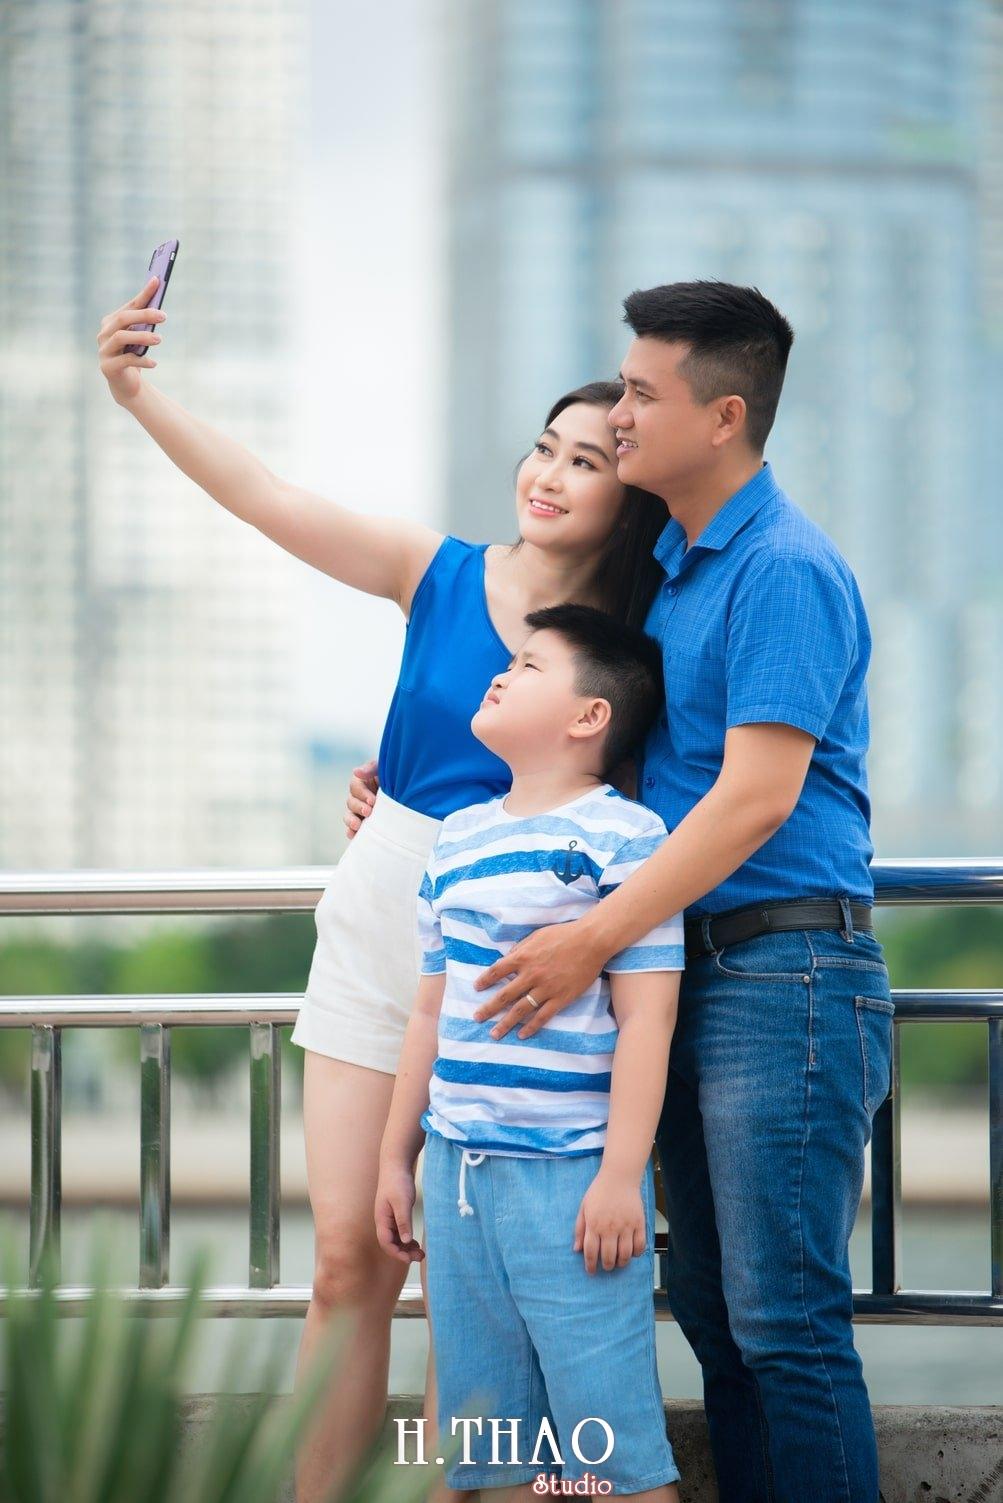 Anh Gia dinh 3 nguoi 3 - Gói chụp ảnh gia đình ngoại cảnh giá rẻ Tp. HCM - HThao Studio